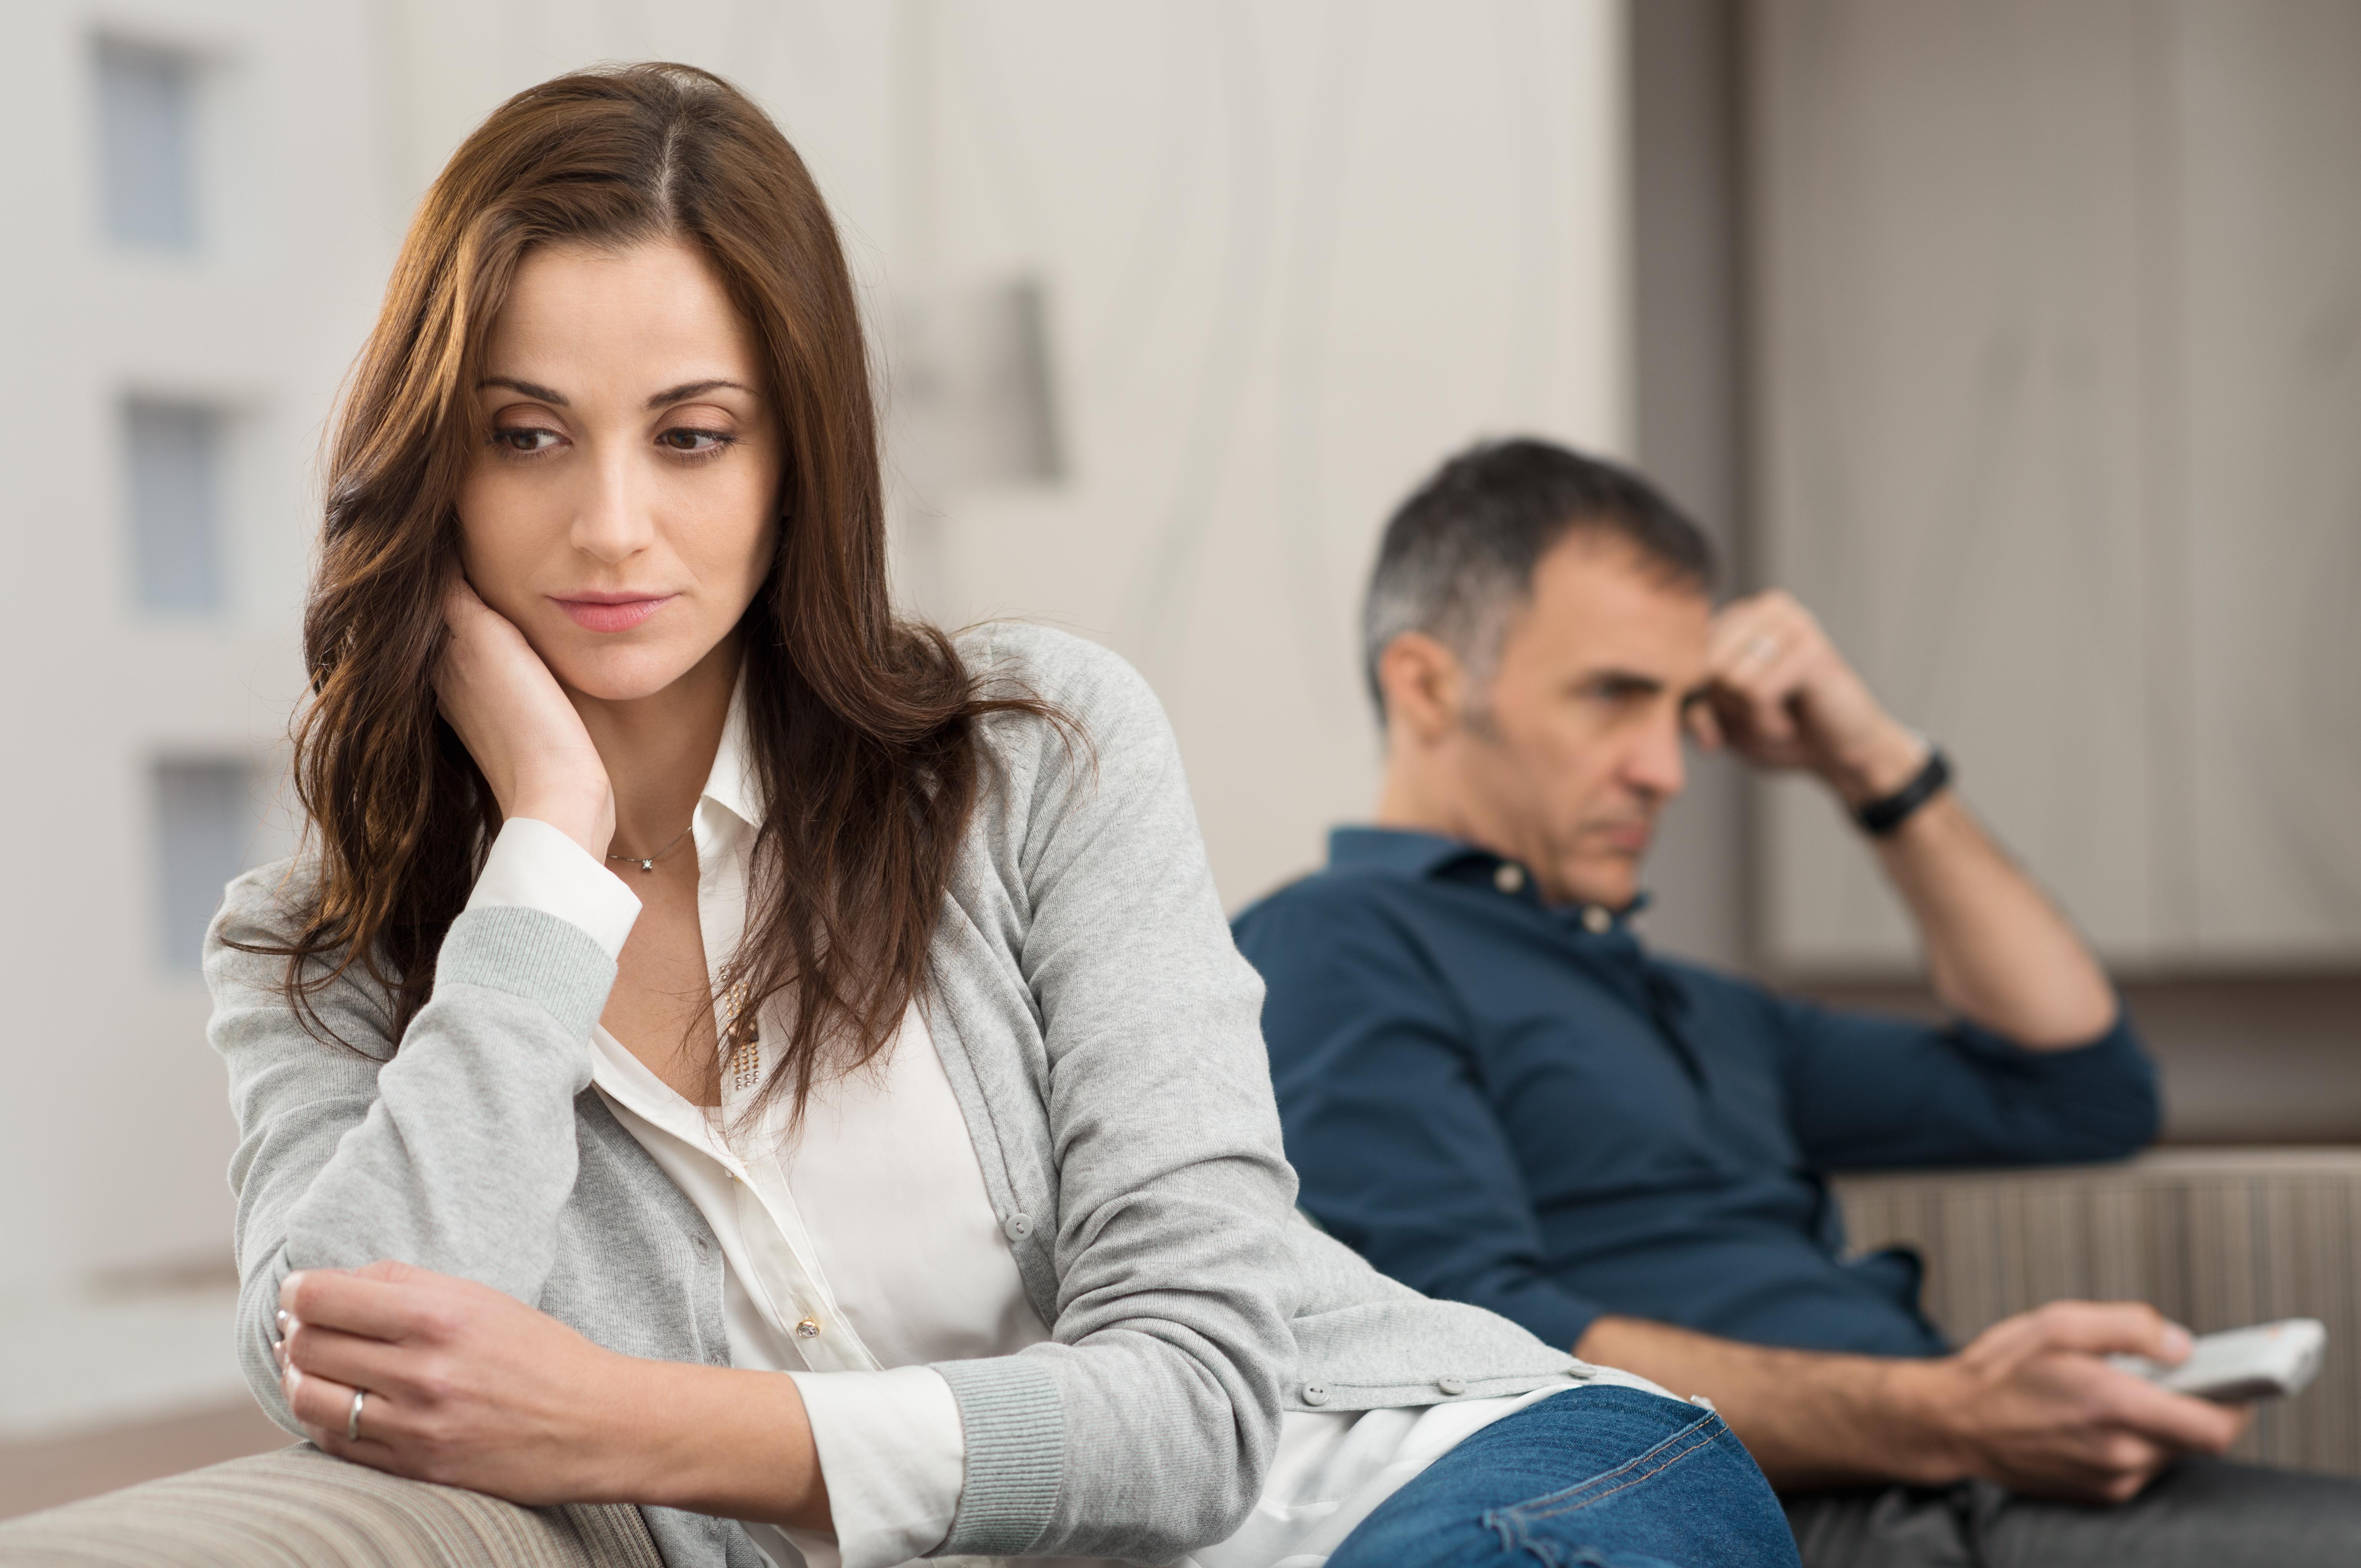 Муж хочет оформить квартиру на свою маму, а я боюсь, что семья развалится